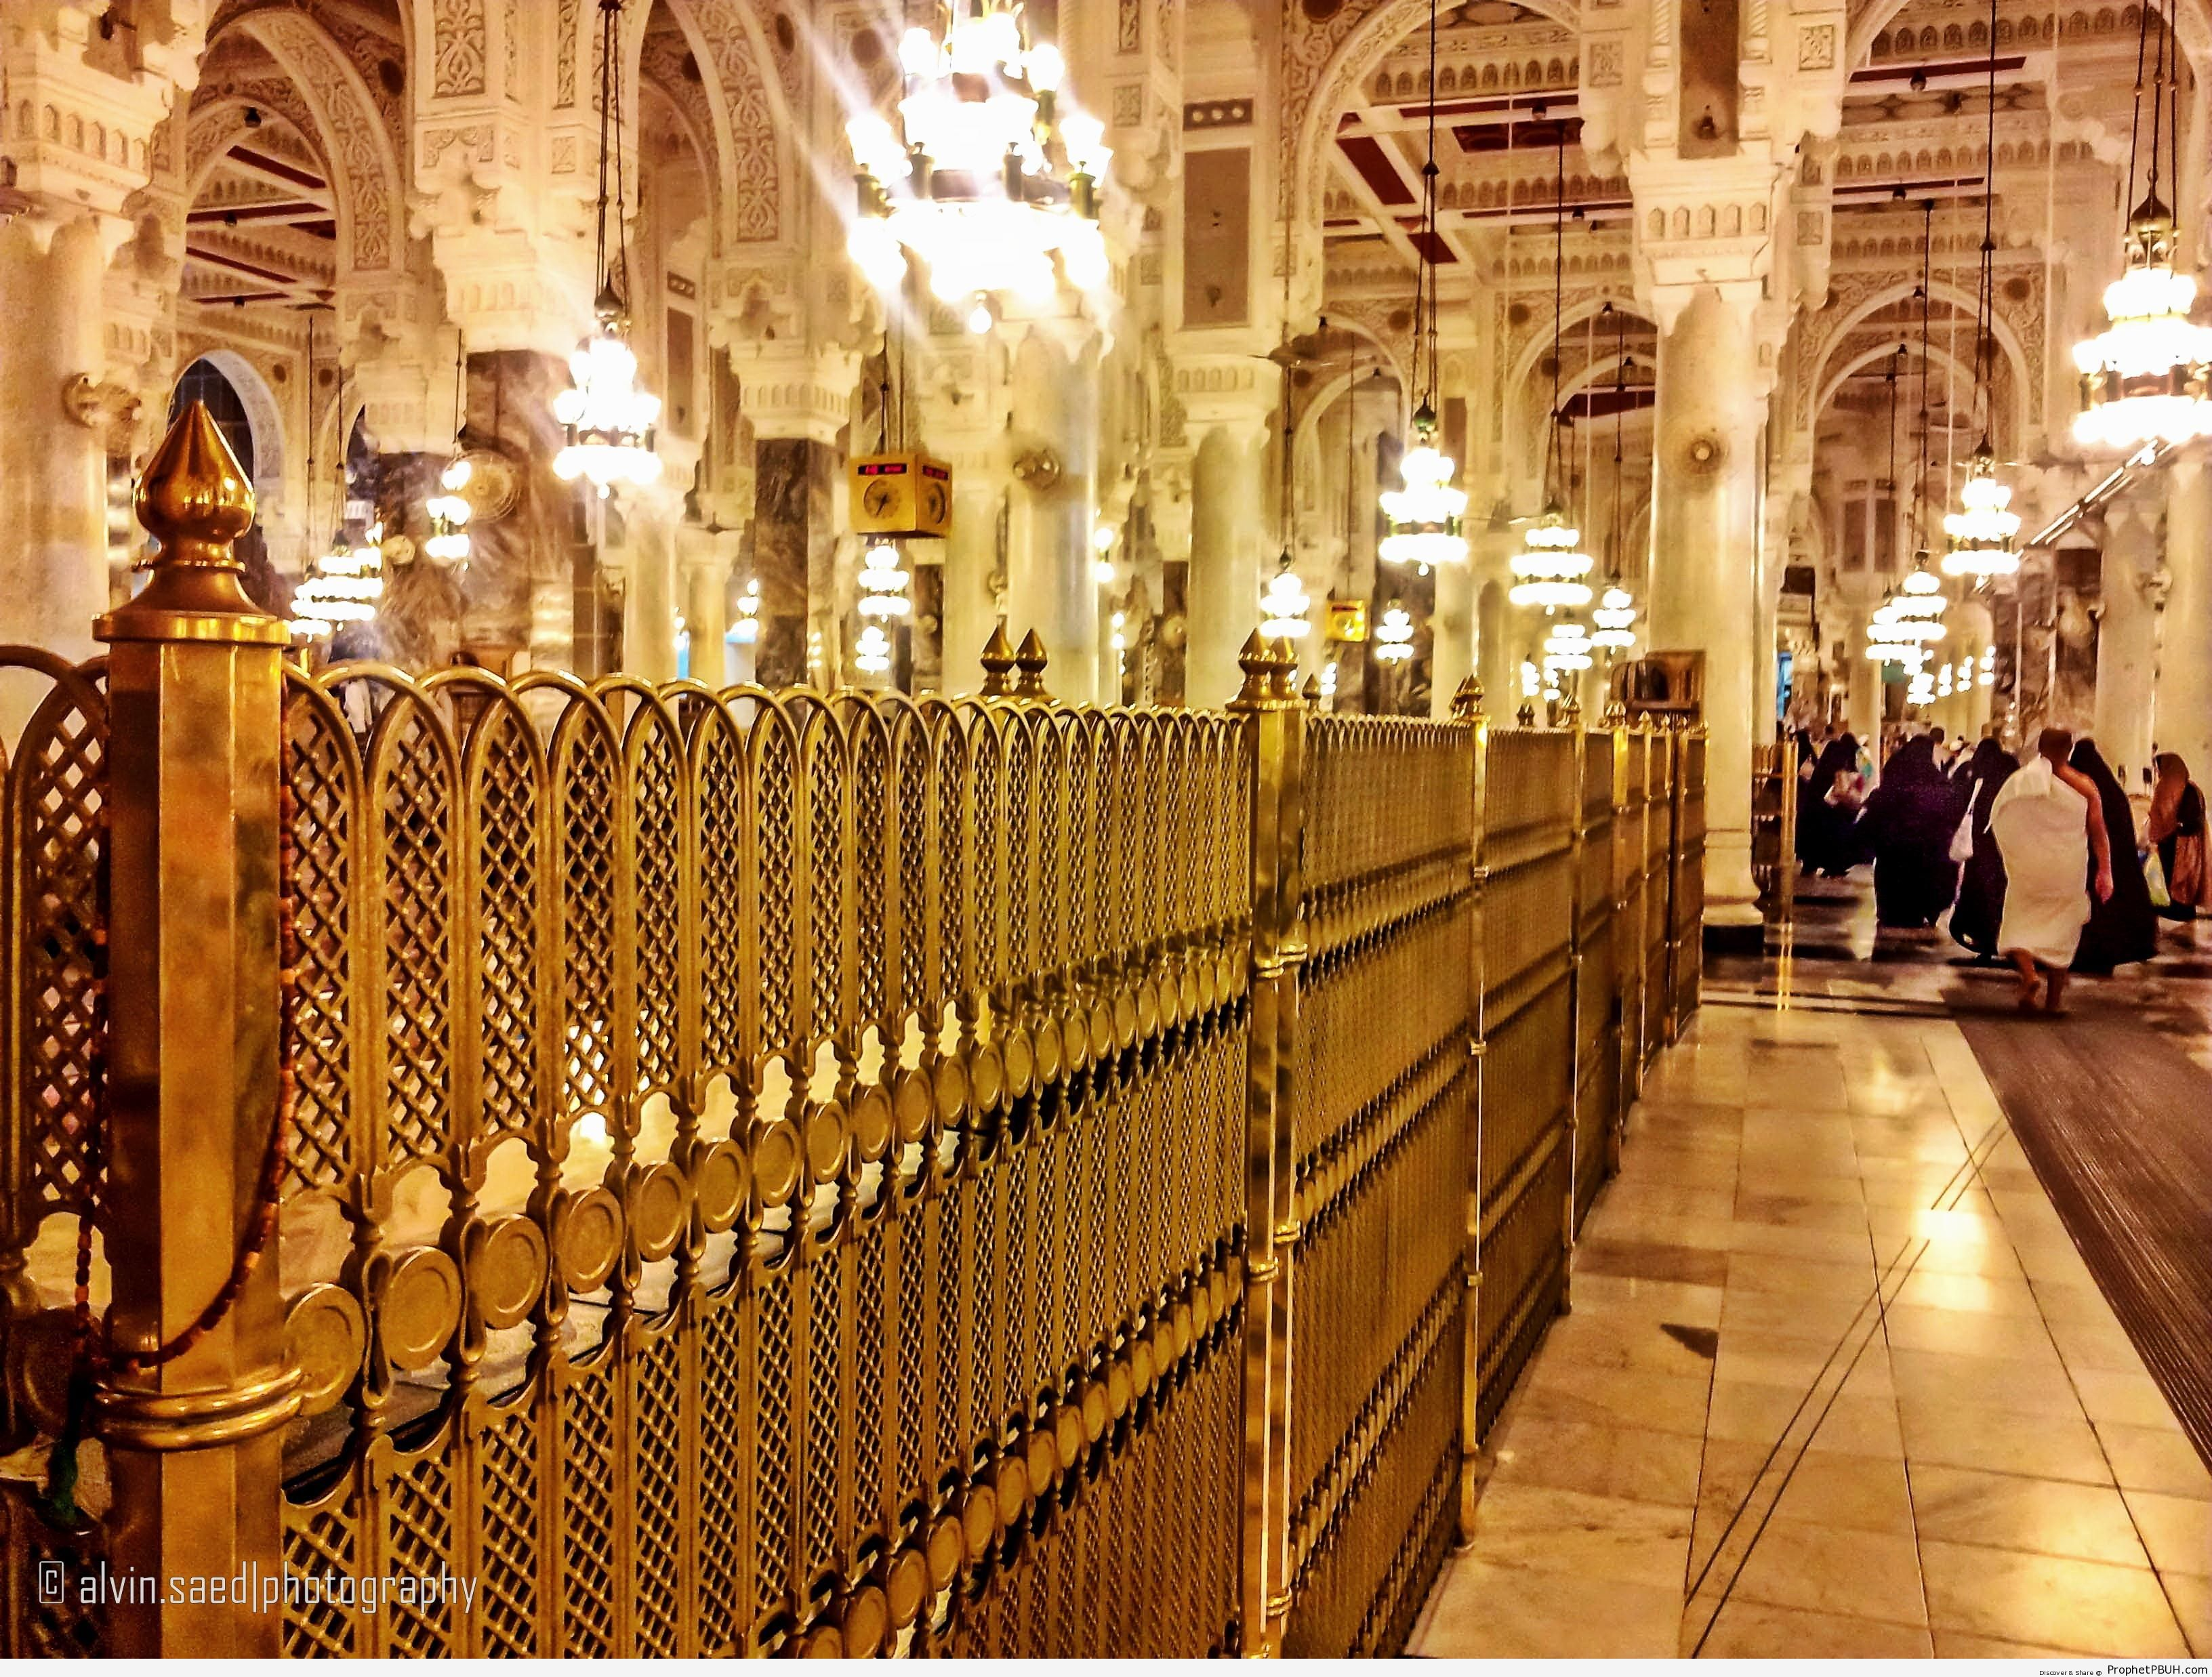 Inside Masjid al-Haram (Makkah, Saudi Arabia) - al-Masjid al-Haram in Makkah, Saudi Arabia -Picture